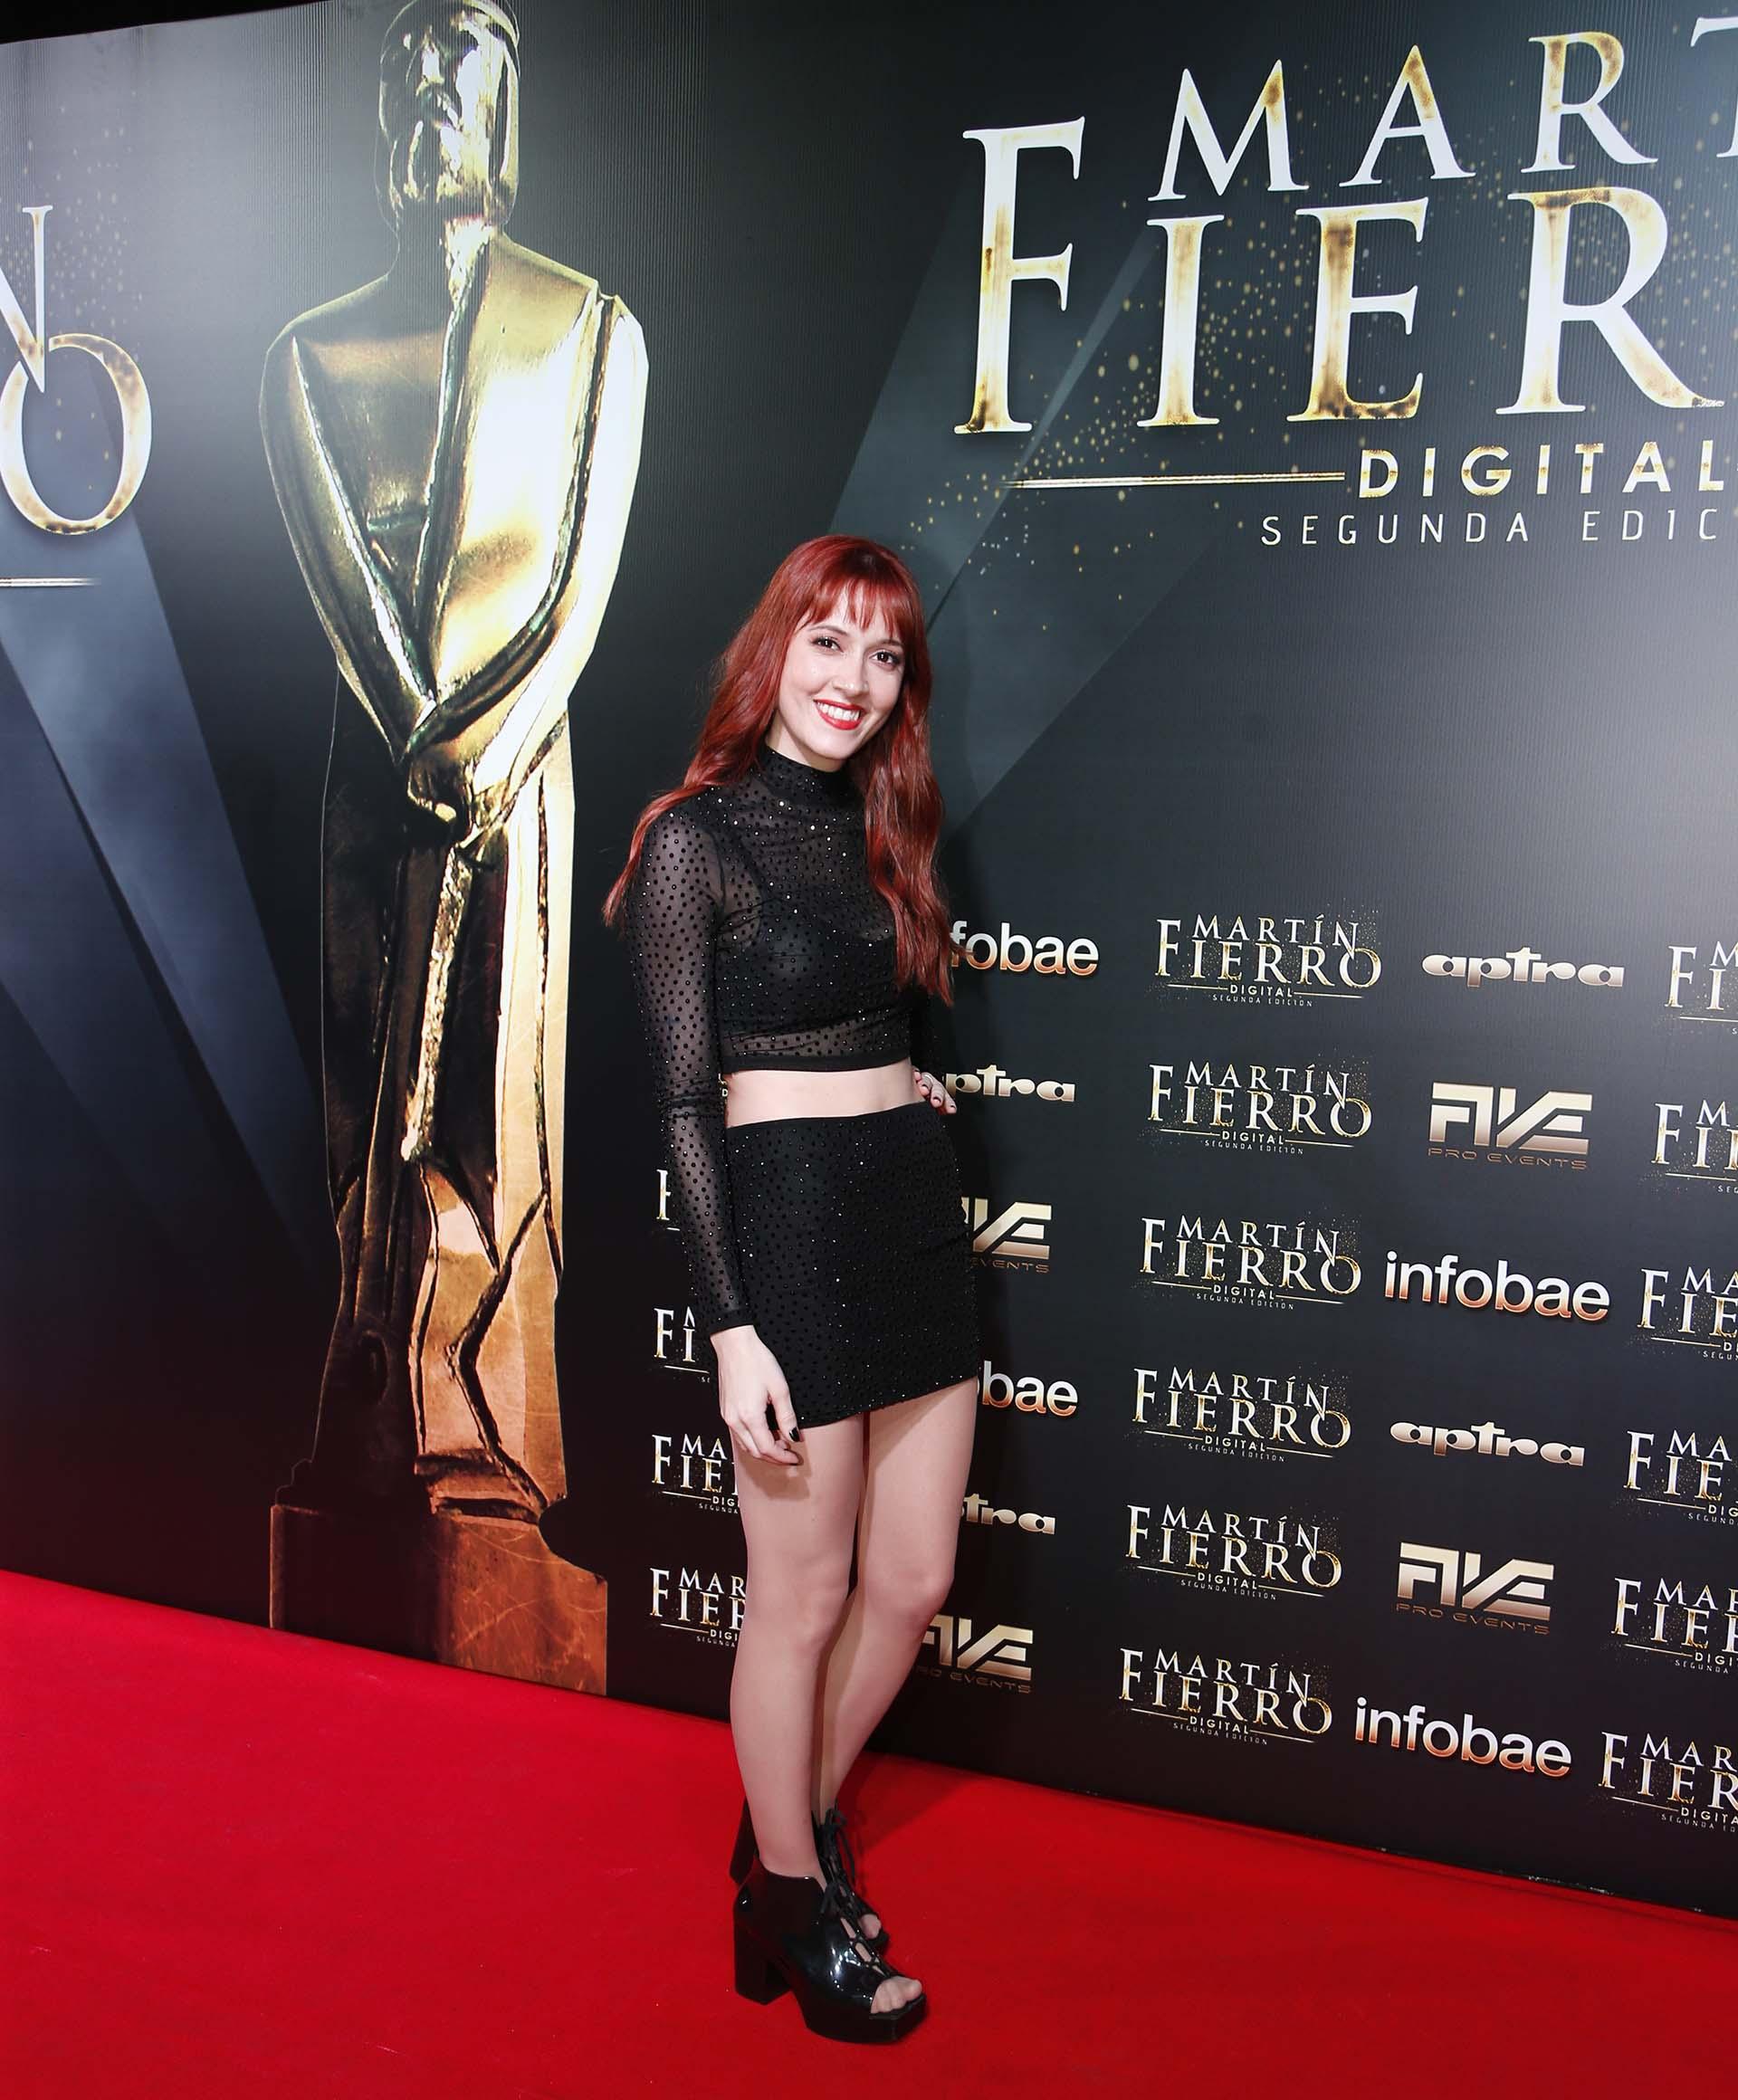 La youtuber Dai Hernández, eligió un conjunto de dos piezas: minifalda y top con transparencias y polka dots con brillos. Completó el look con plataformas acharoladas